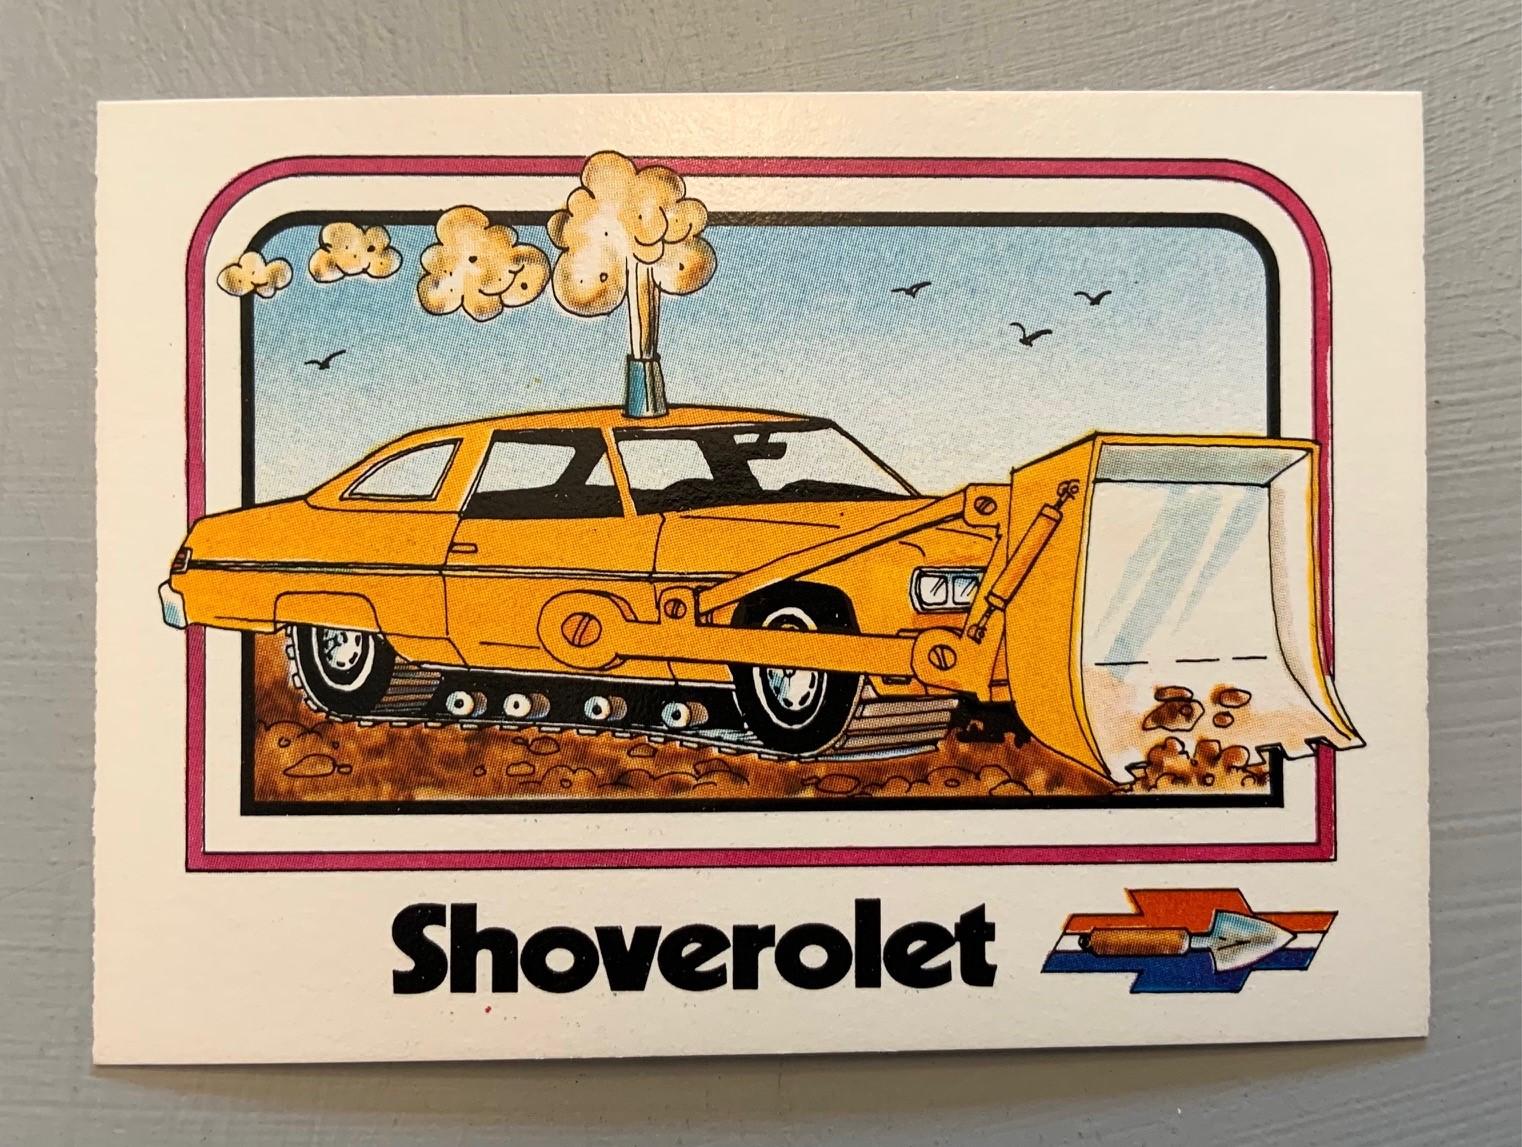 1976 Wonder Bread Krazy Cars - Shoverolet